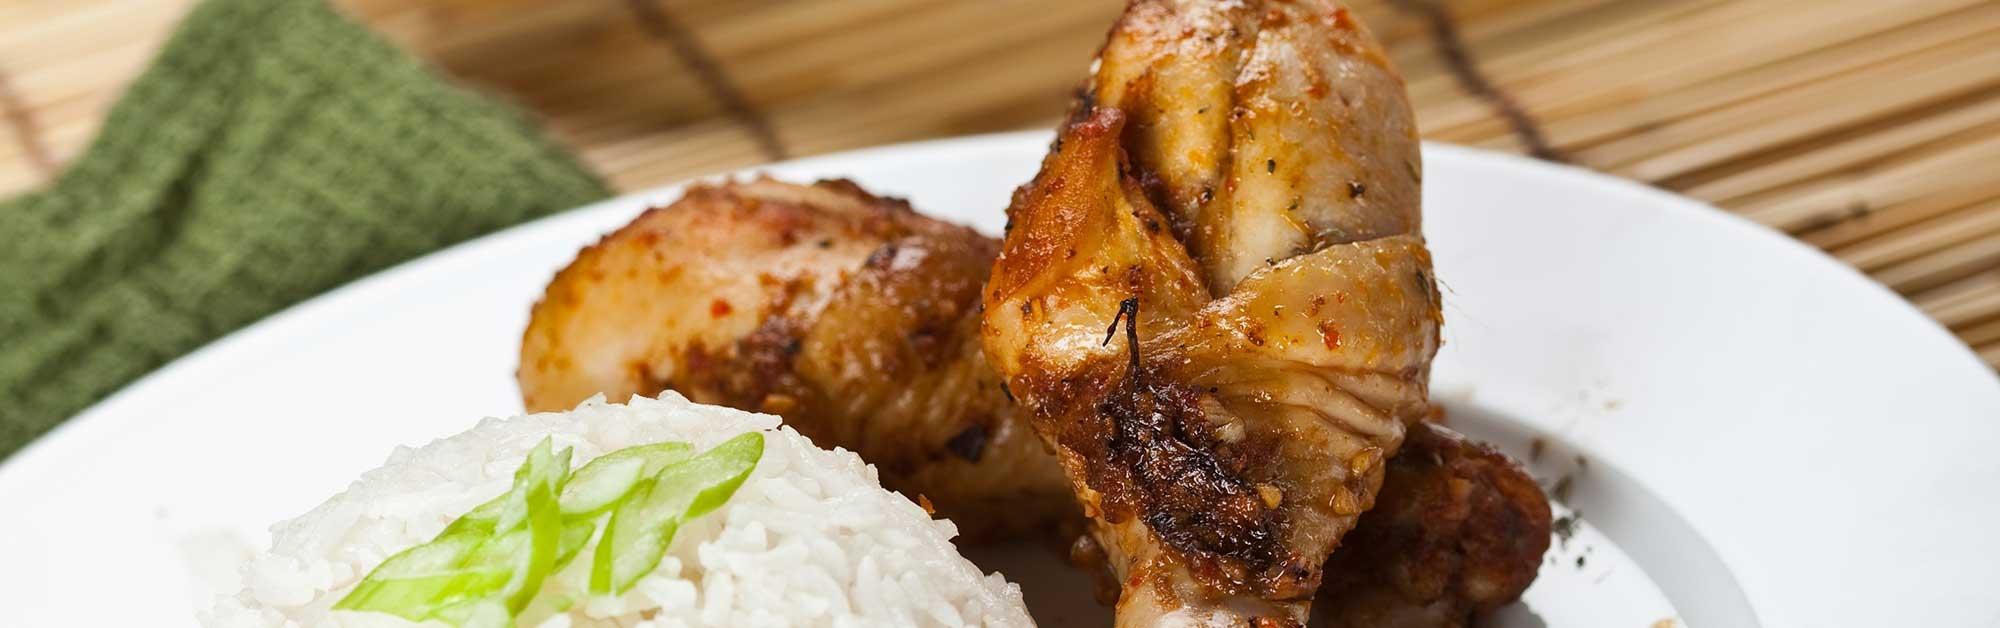 Pollo Satay con arroz jazmín